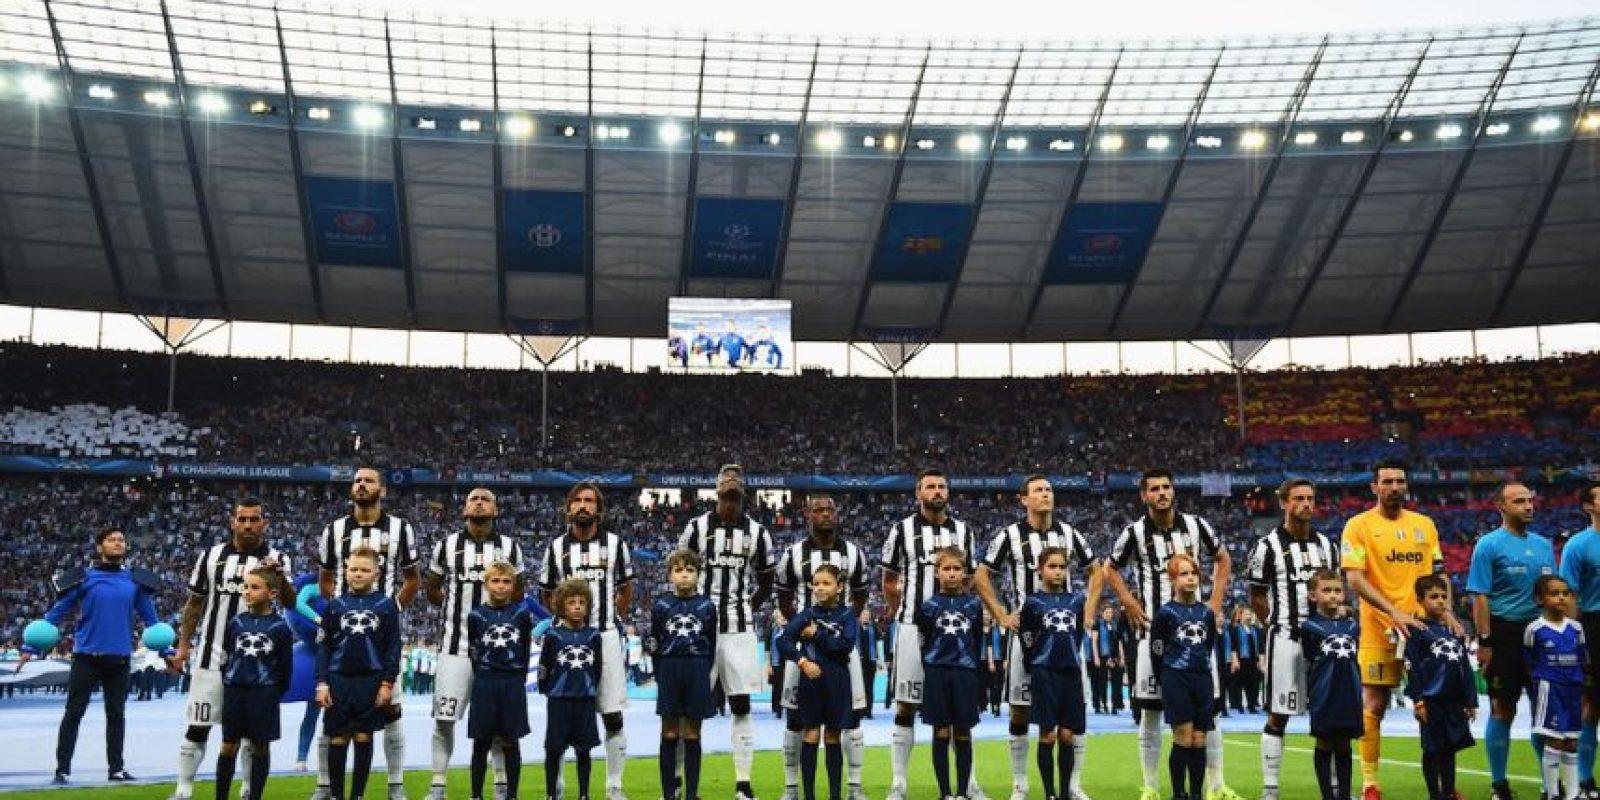 """La plantilla total de la """"Juve"""" tiene un valor de 388.5 millones de euros, la octava más cara del mundo. Foto:Getty Images"""